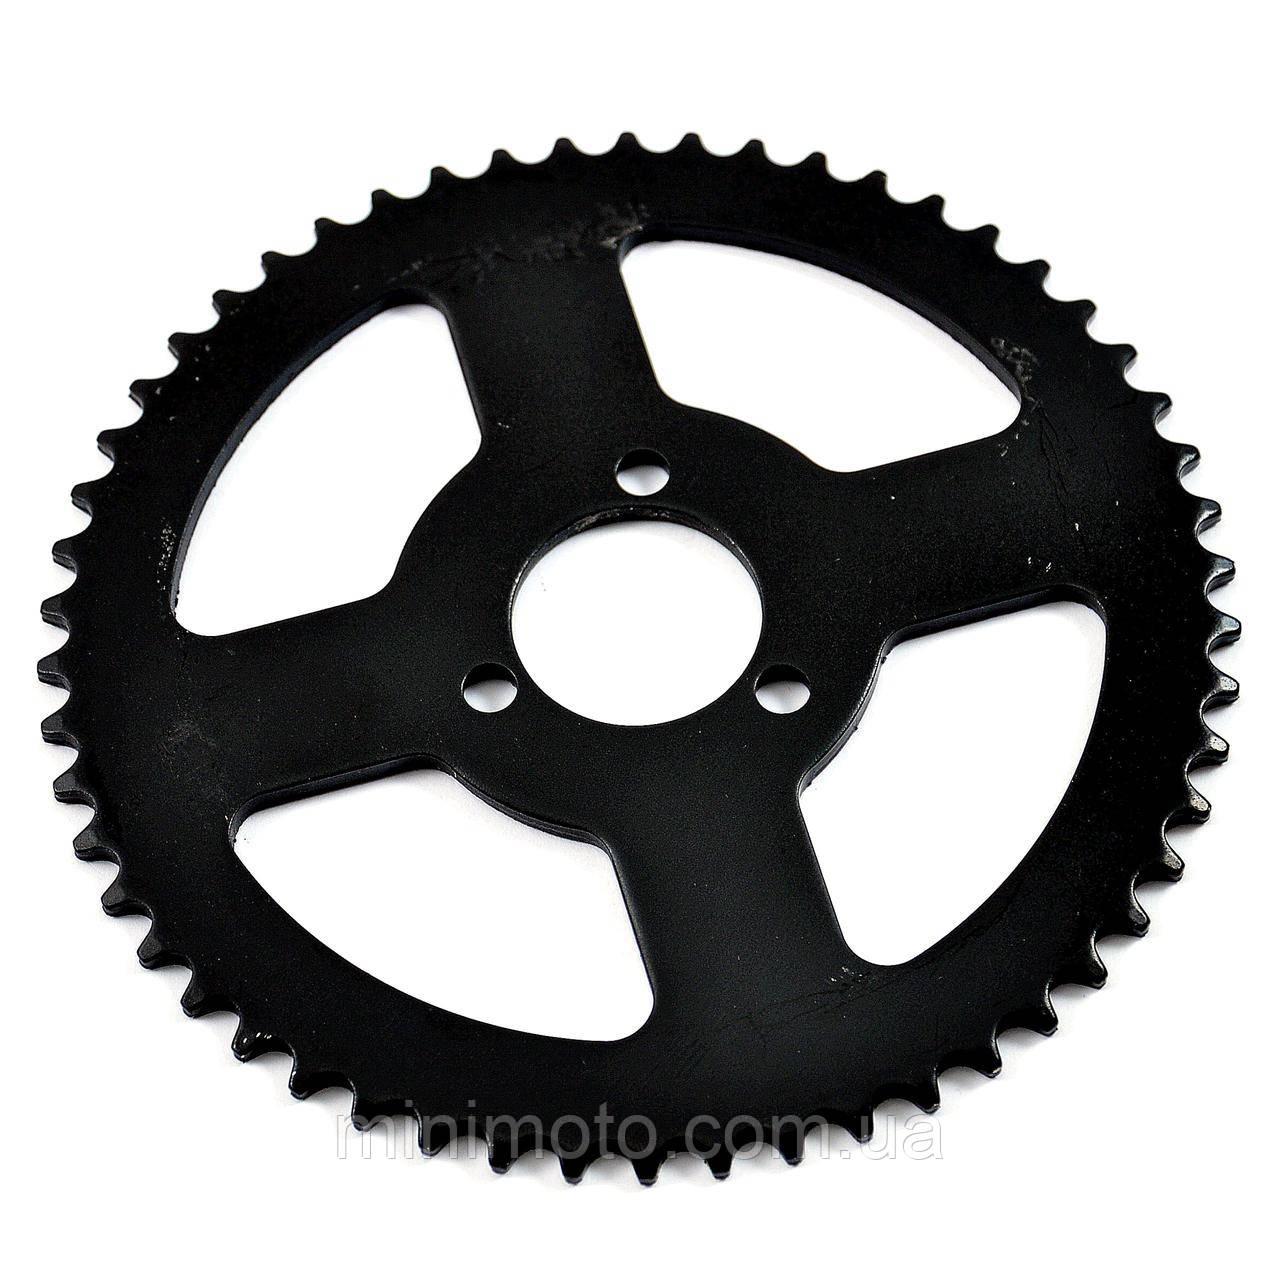 Звезда задняя минимото, детский квадроцикл T8F (D=35 mm) 58z на три болта